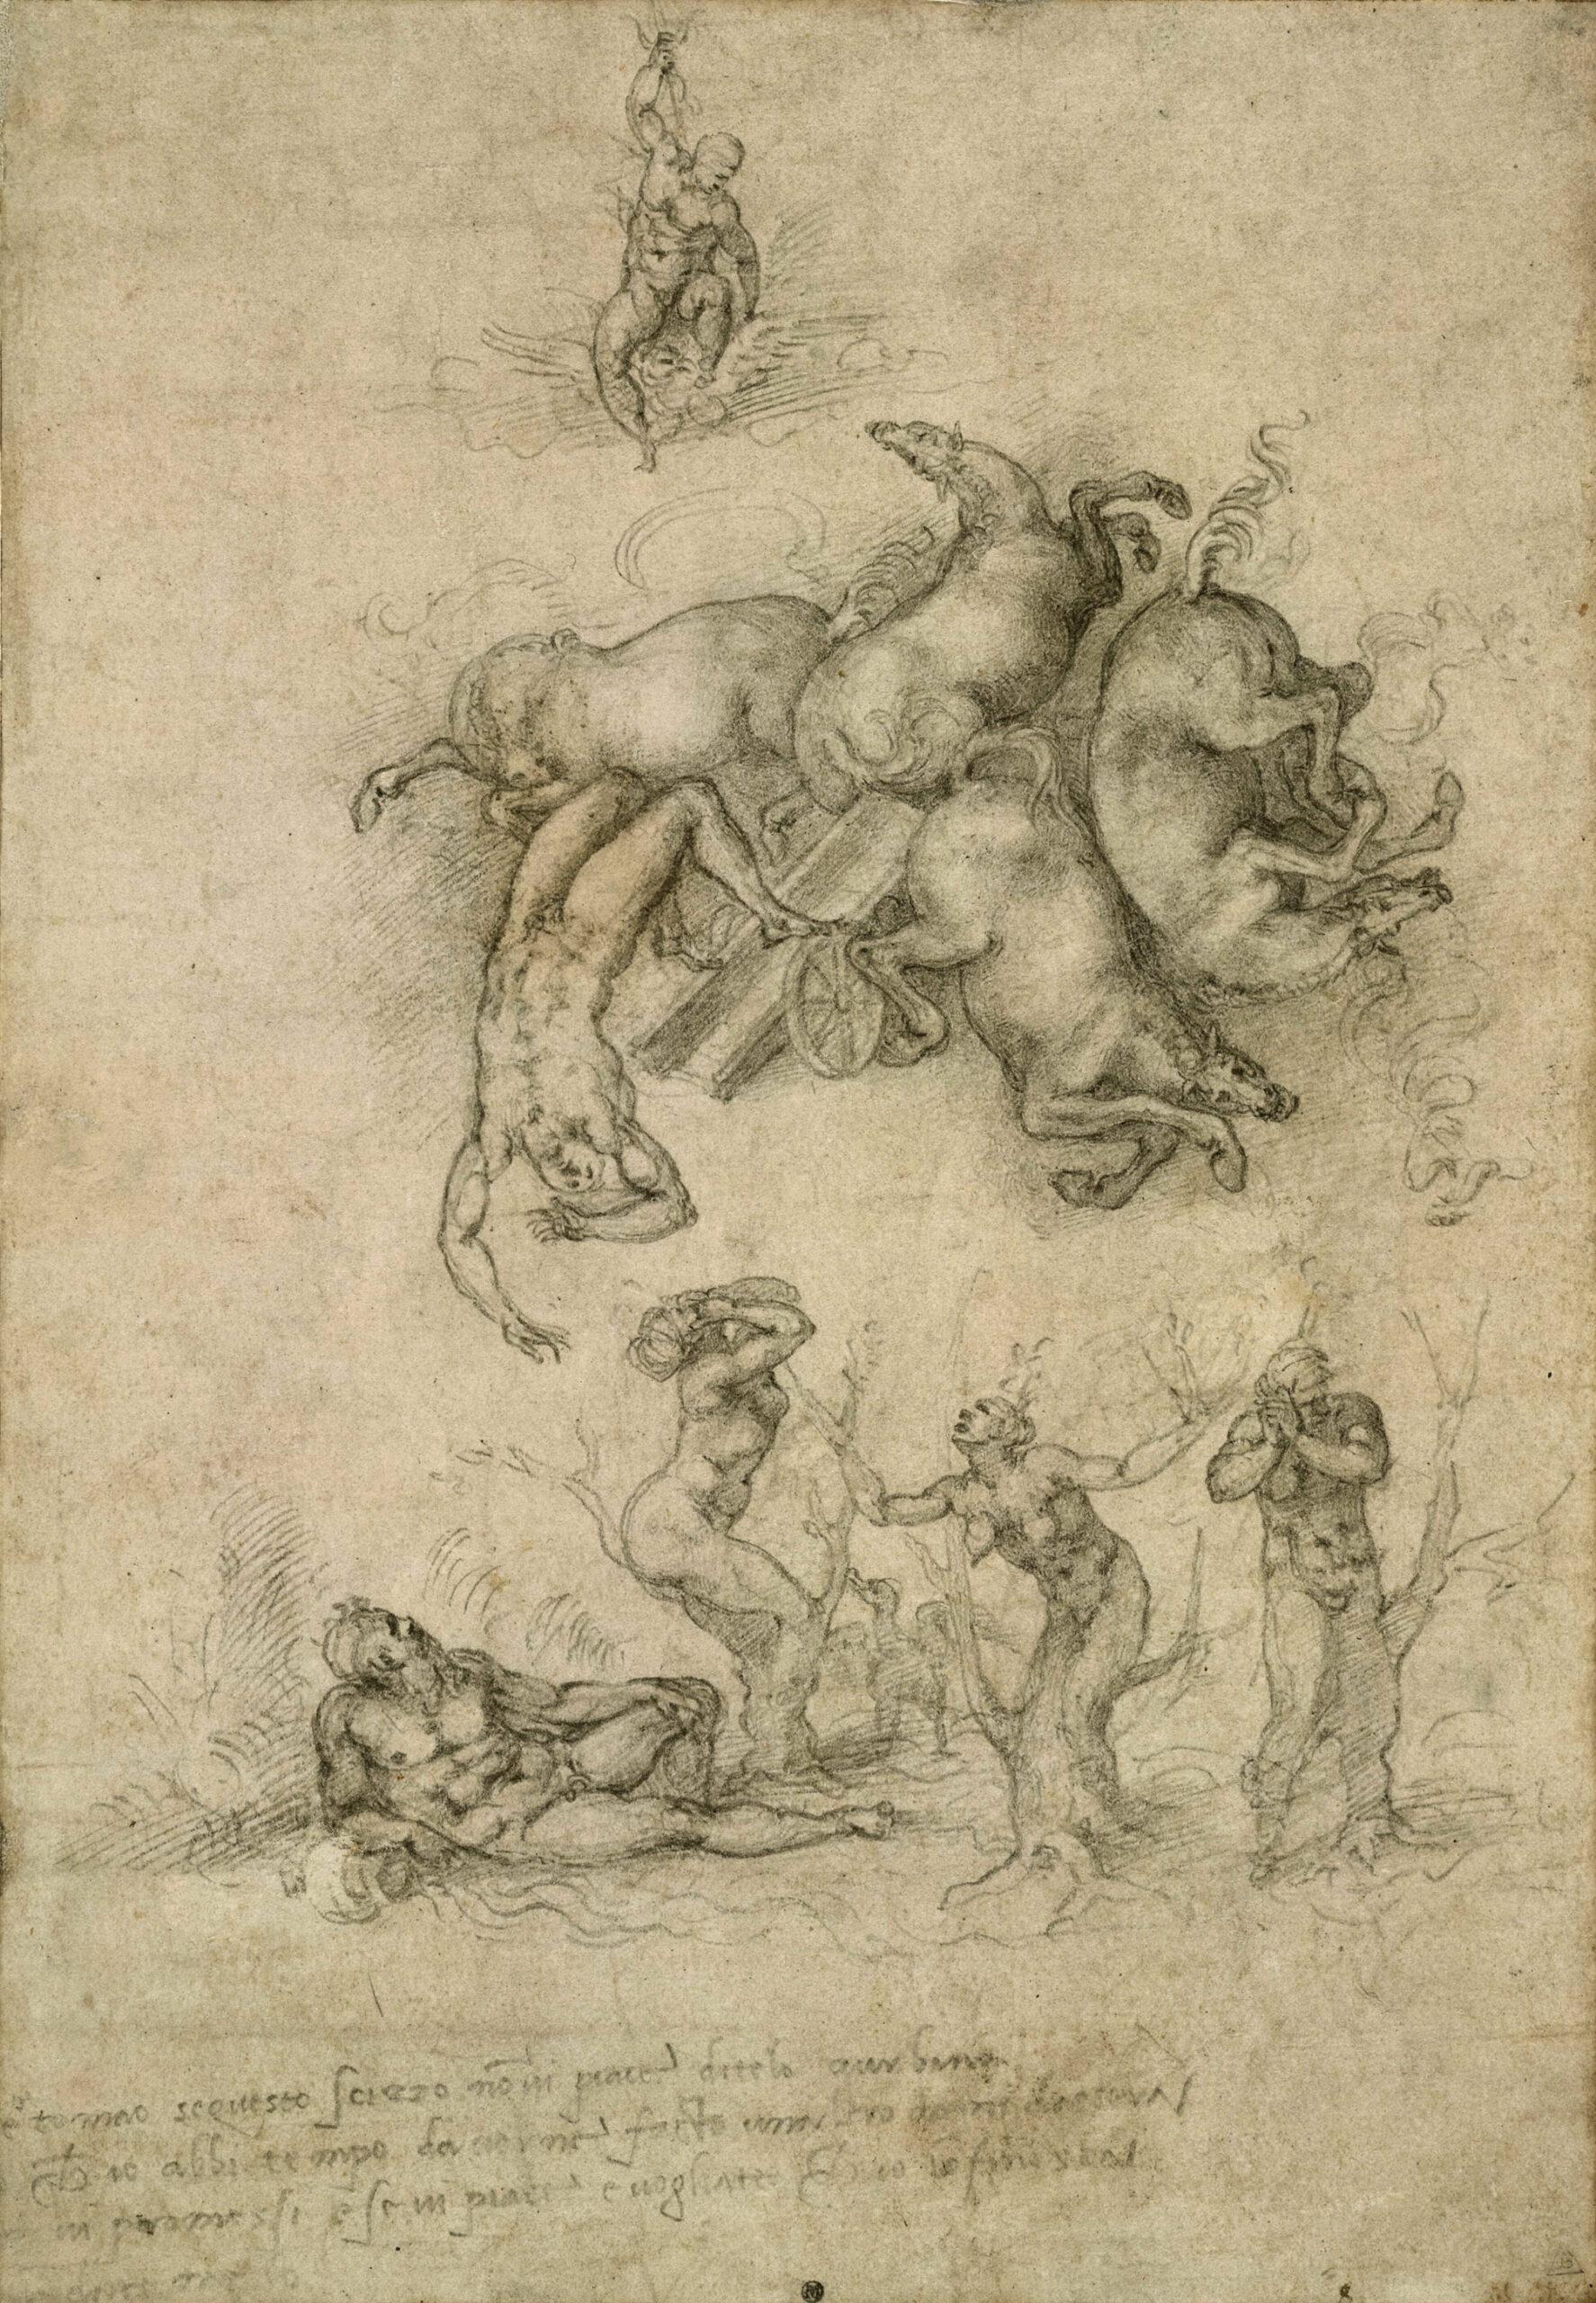 Fetonte: mito e leggenda, disegno di Michelangelo